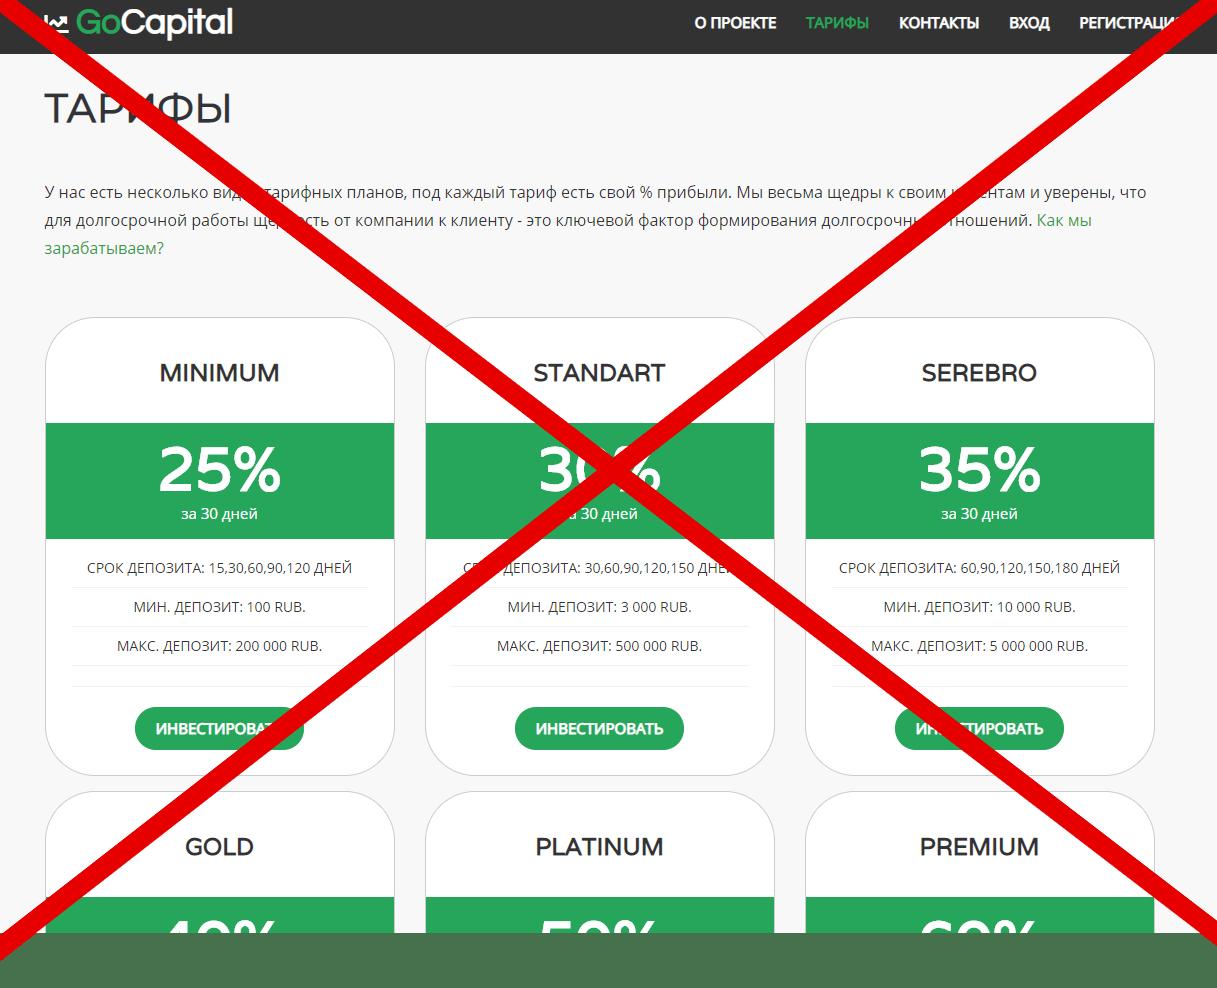 Отзывы о GoCapital - доверительное управление